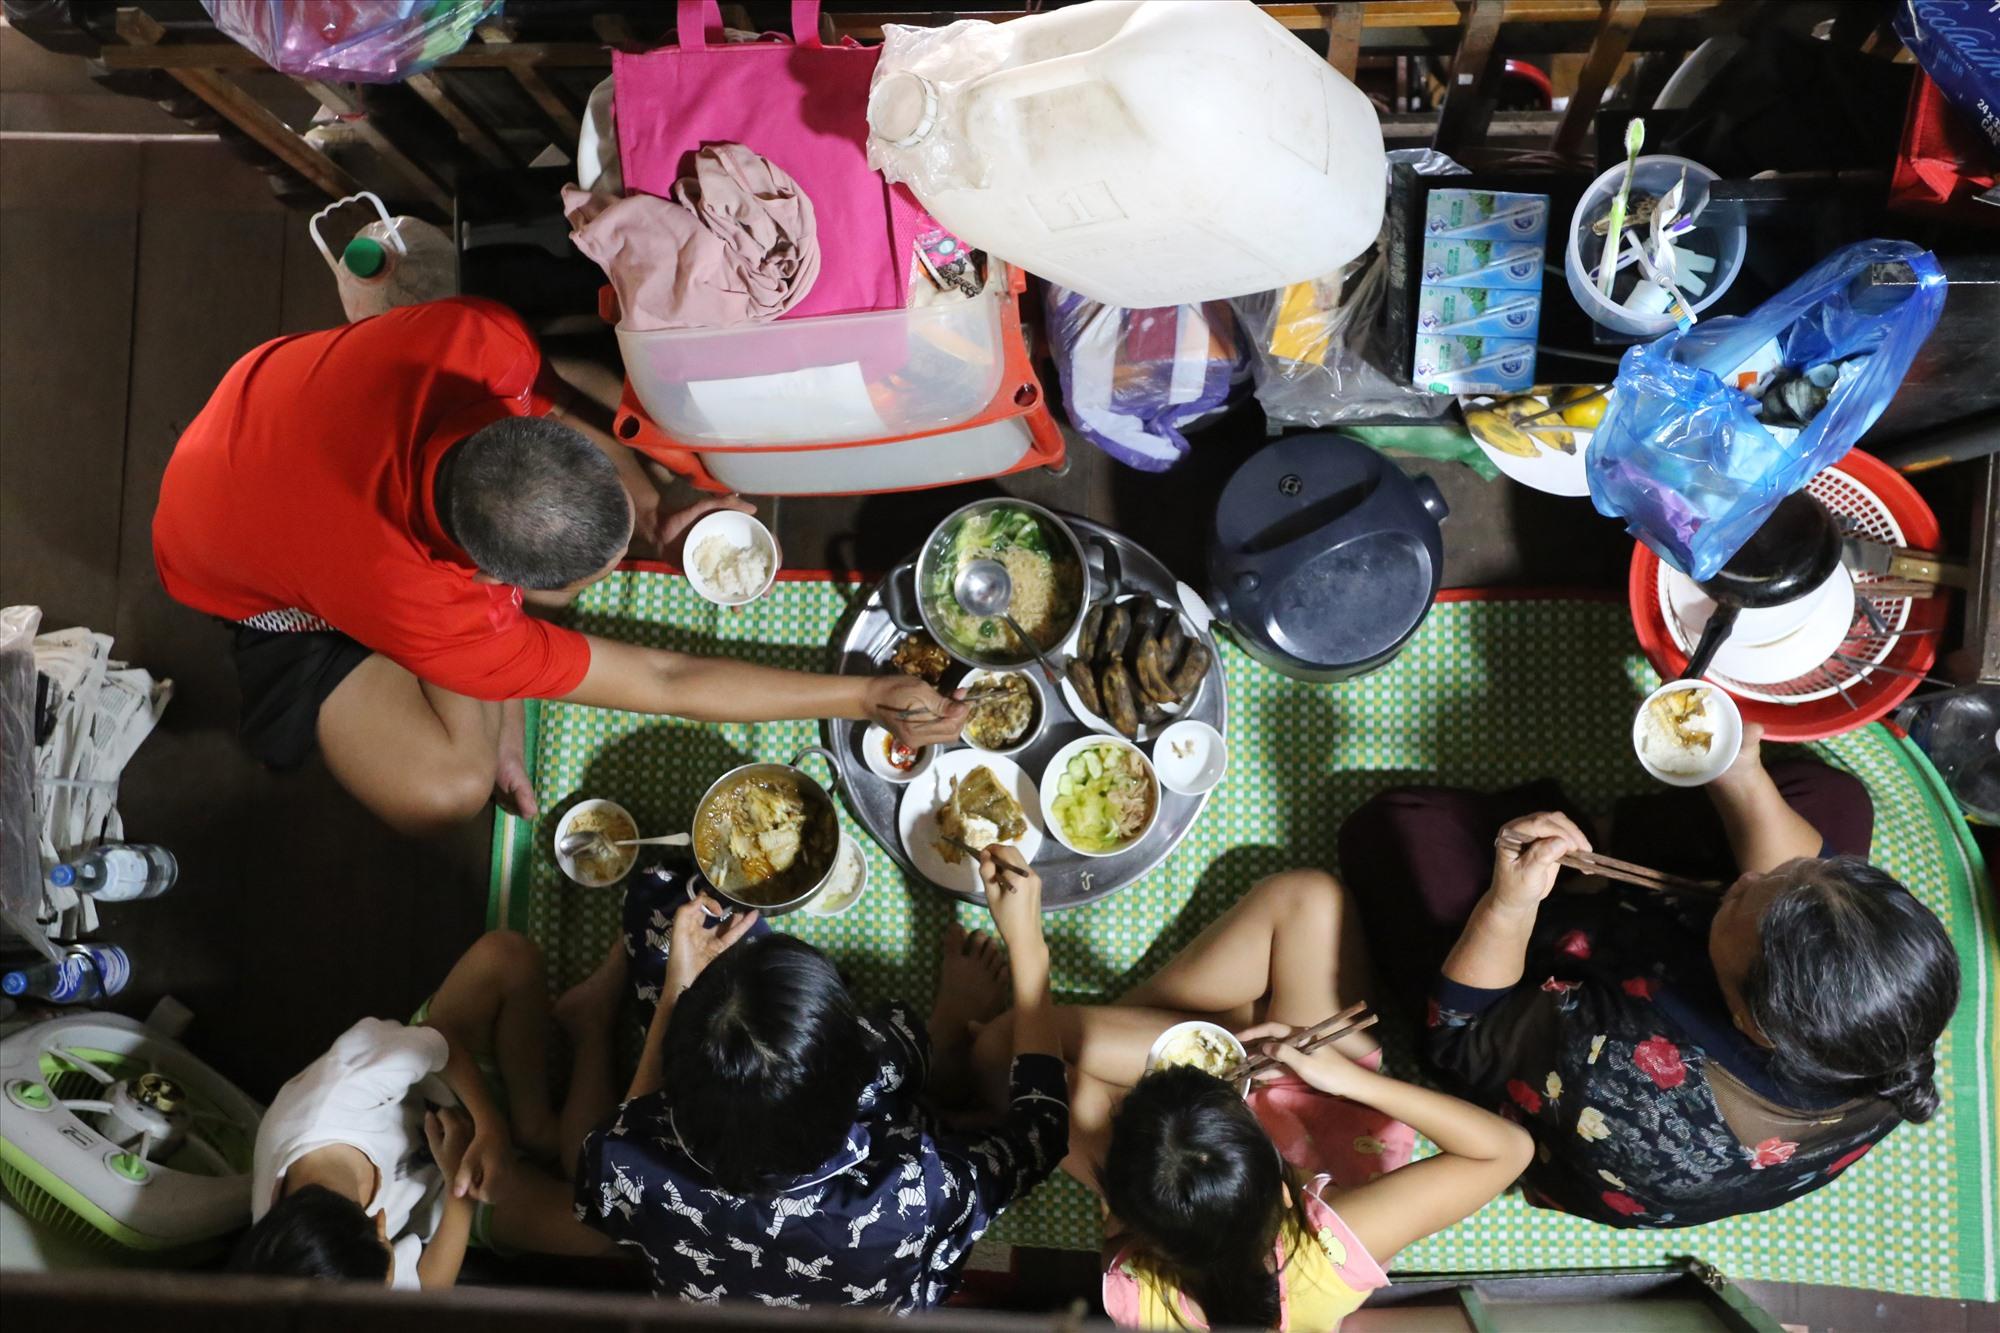 Sau khi nấu xong, gia đình Tiến có năm người, gồm hai vợ chồng, hai người con và mẹ già. Họ dọn ra ở hành lang ở gác lững ngồi ăn, xung quanh đồ đặc được lên cao tránh lũ.